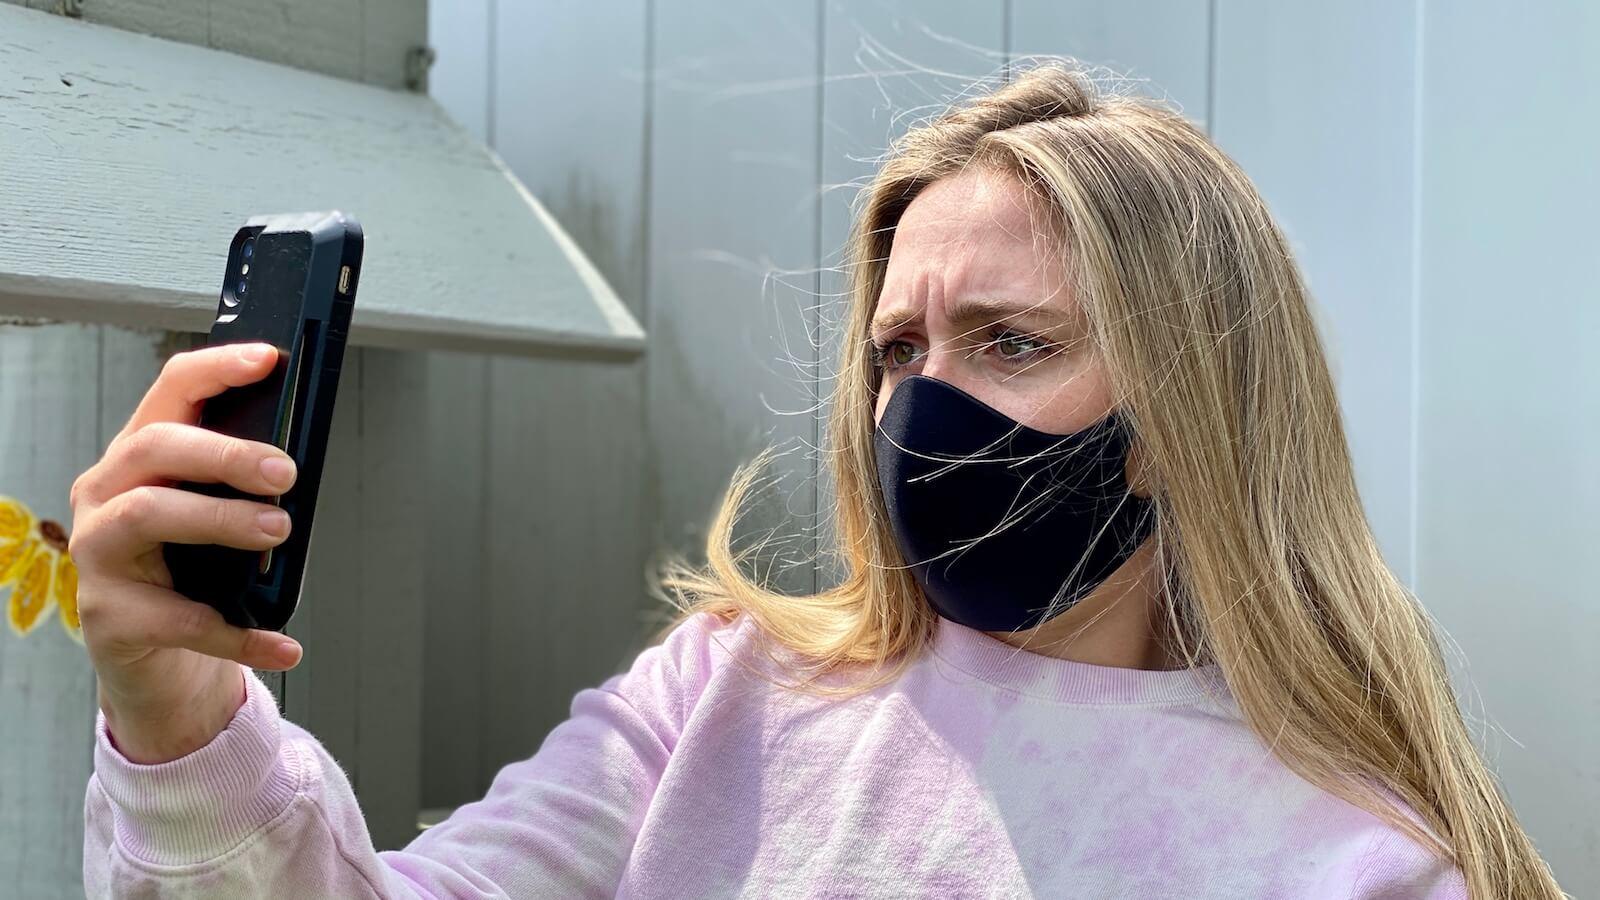 Как использовать Face ID на iPhone c маской на лице